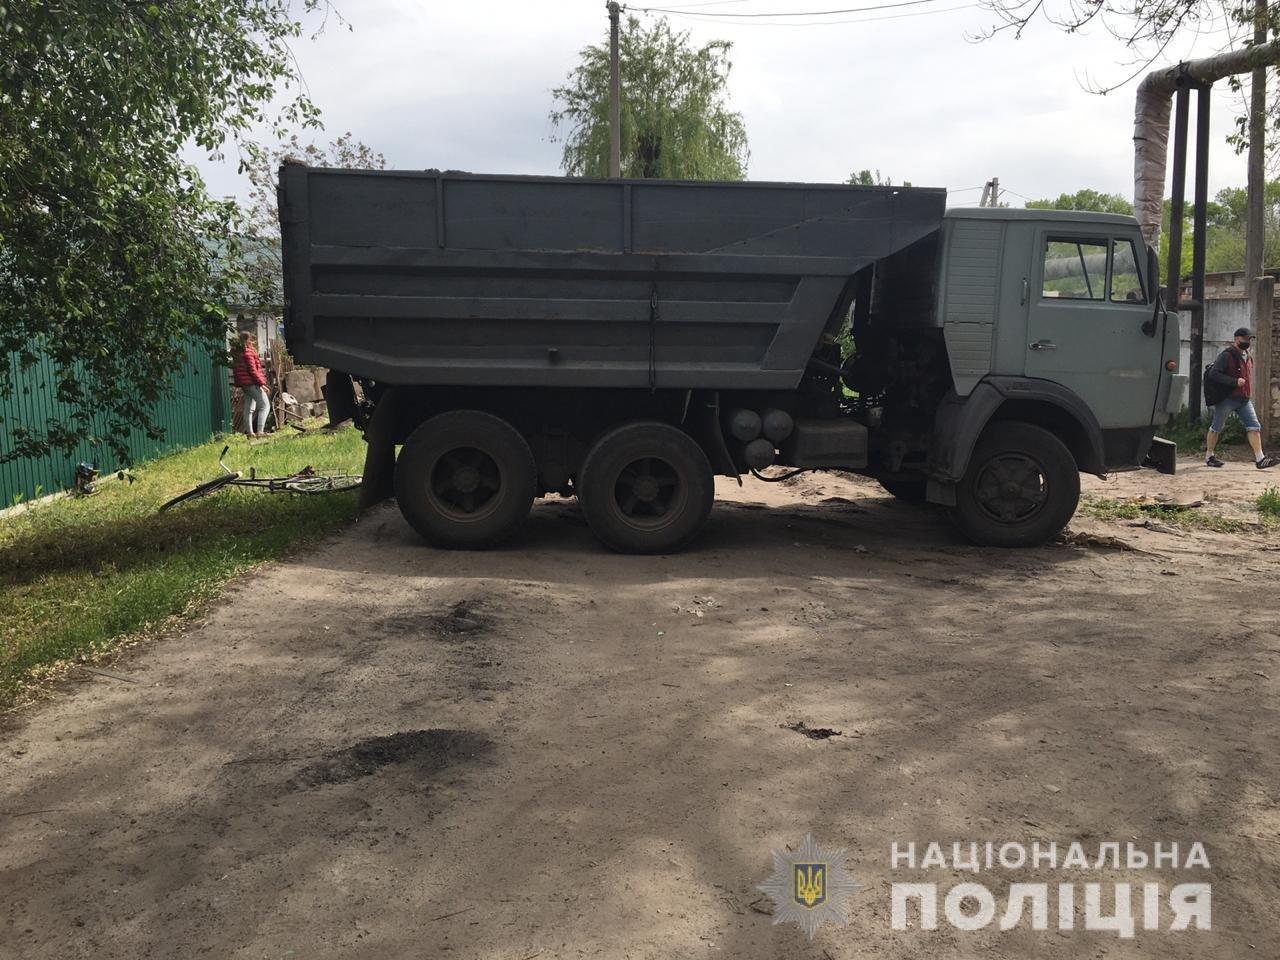 В Днепропетровской области пьяный мужчина на угнанном грузовике наехал на велосипедистку, - ФОТО, фото-1